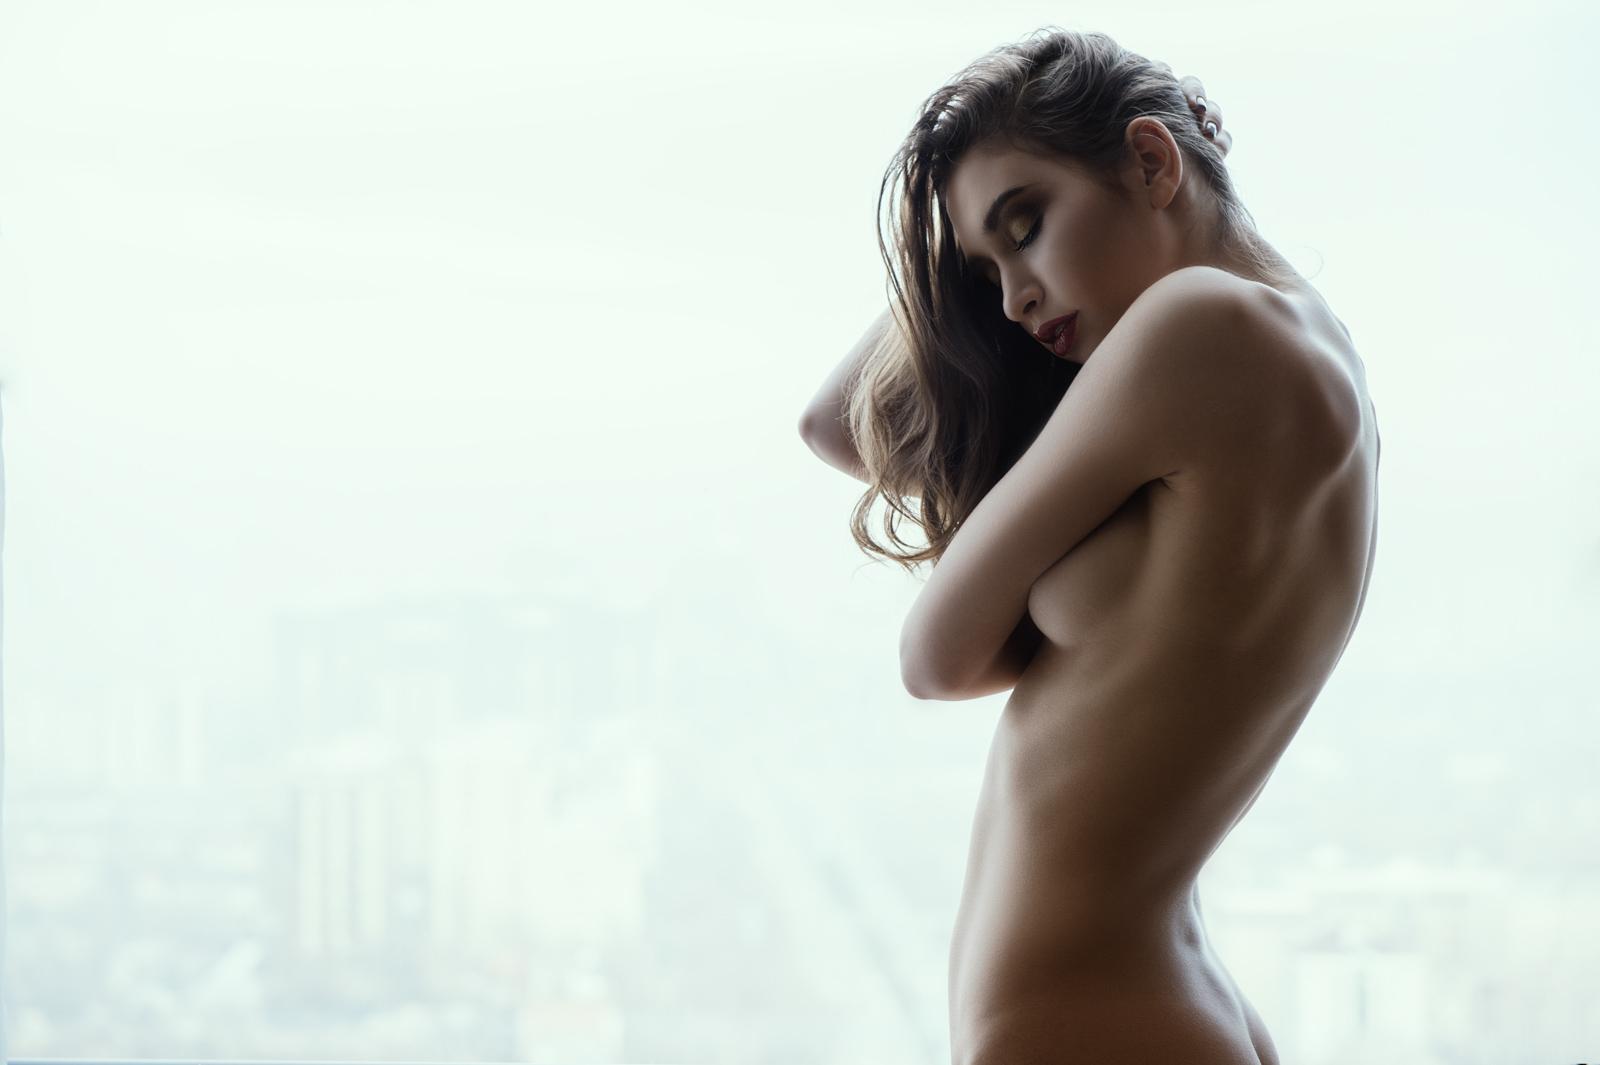 Olya Kruglova Photographers  photoshoot photography Olya Kruglova nudes nude art nude lionsmag lions magazine lingerie blackandwhite babes art   // lionsmag.com - premium nude photography magazine